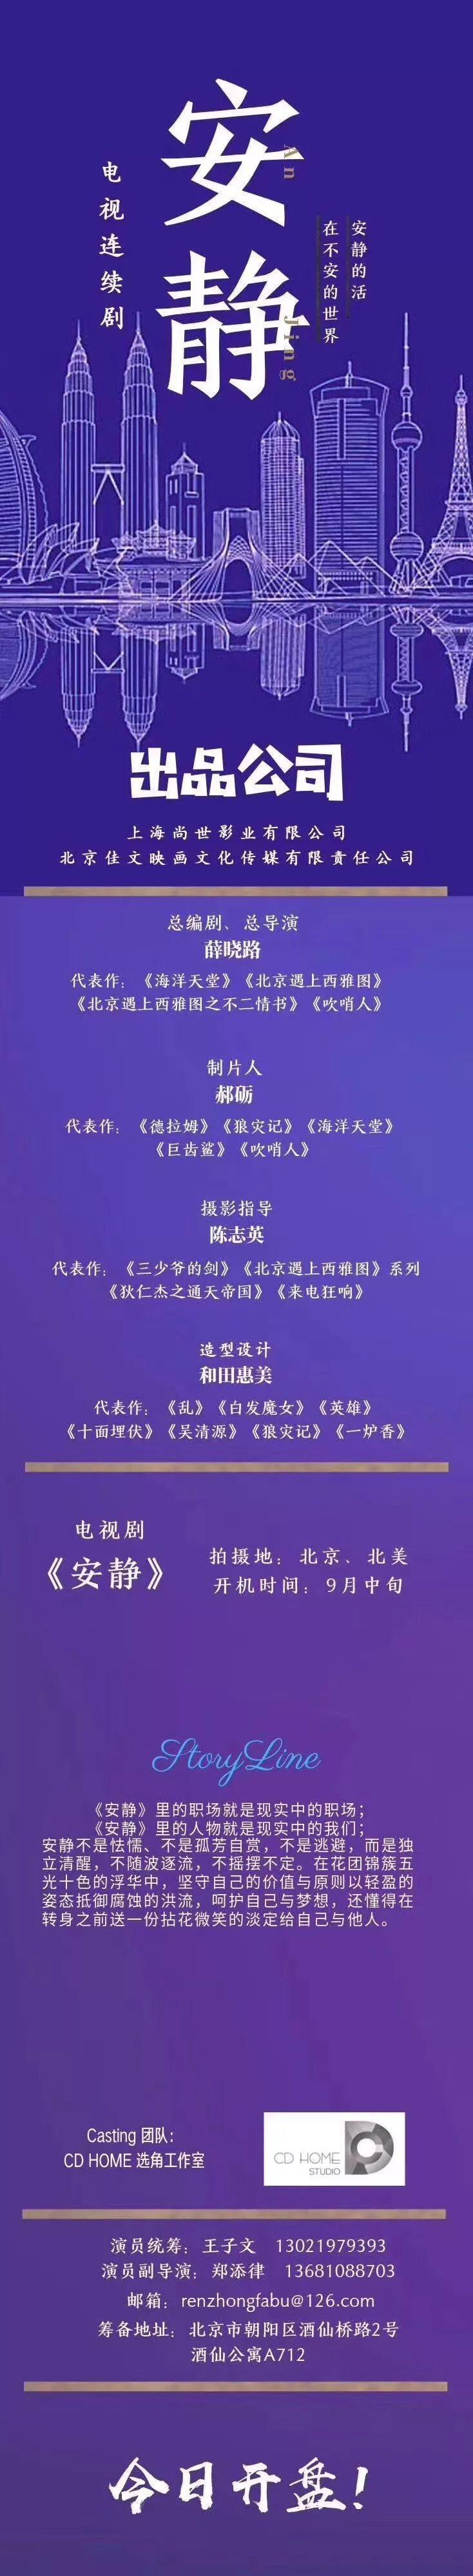 6/12组讯 | 薛晓路总导演电视剧《安静》、动作电影《雷霆行动》等